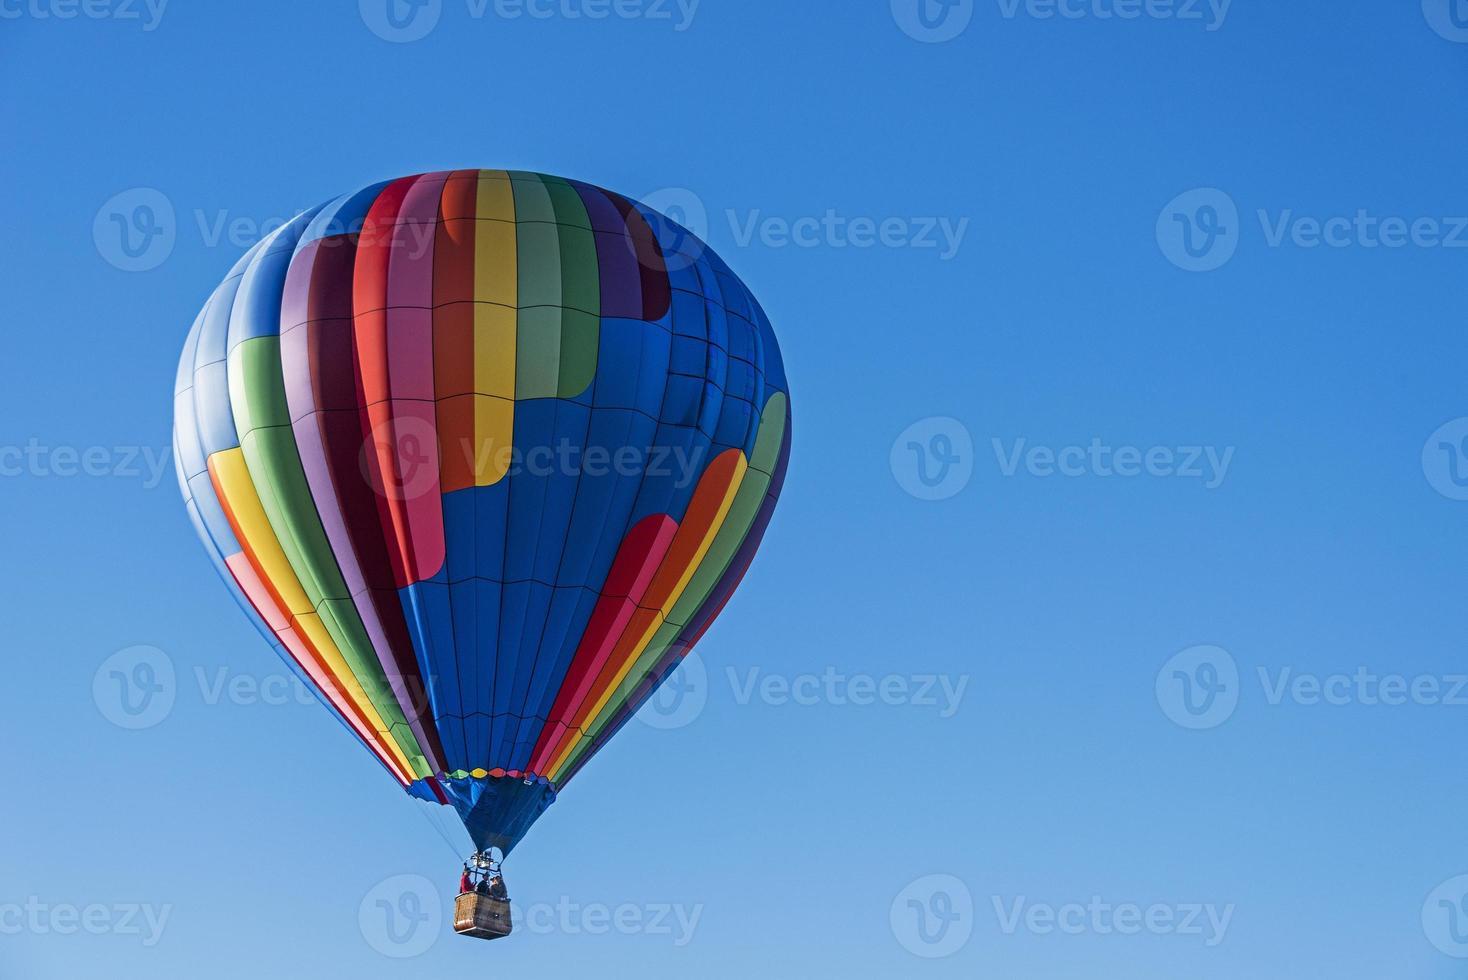 Heißluftballon gegen einen blauen Himmel foto